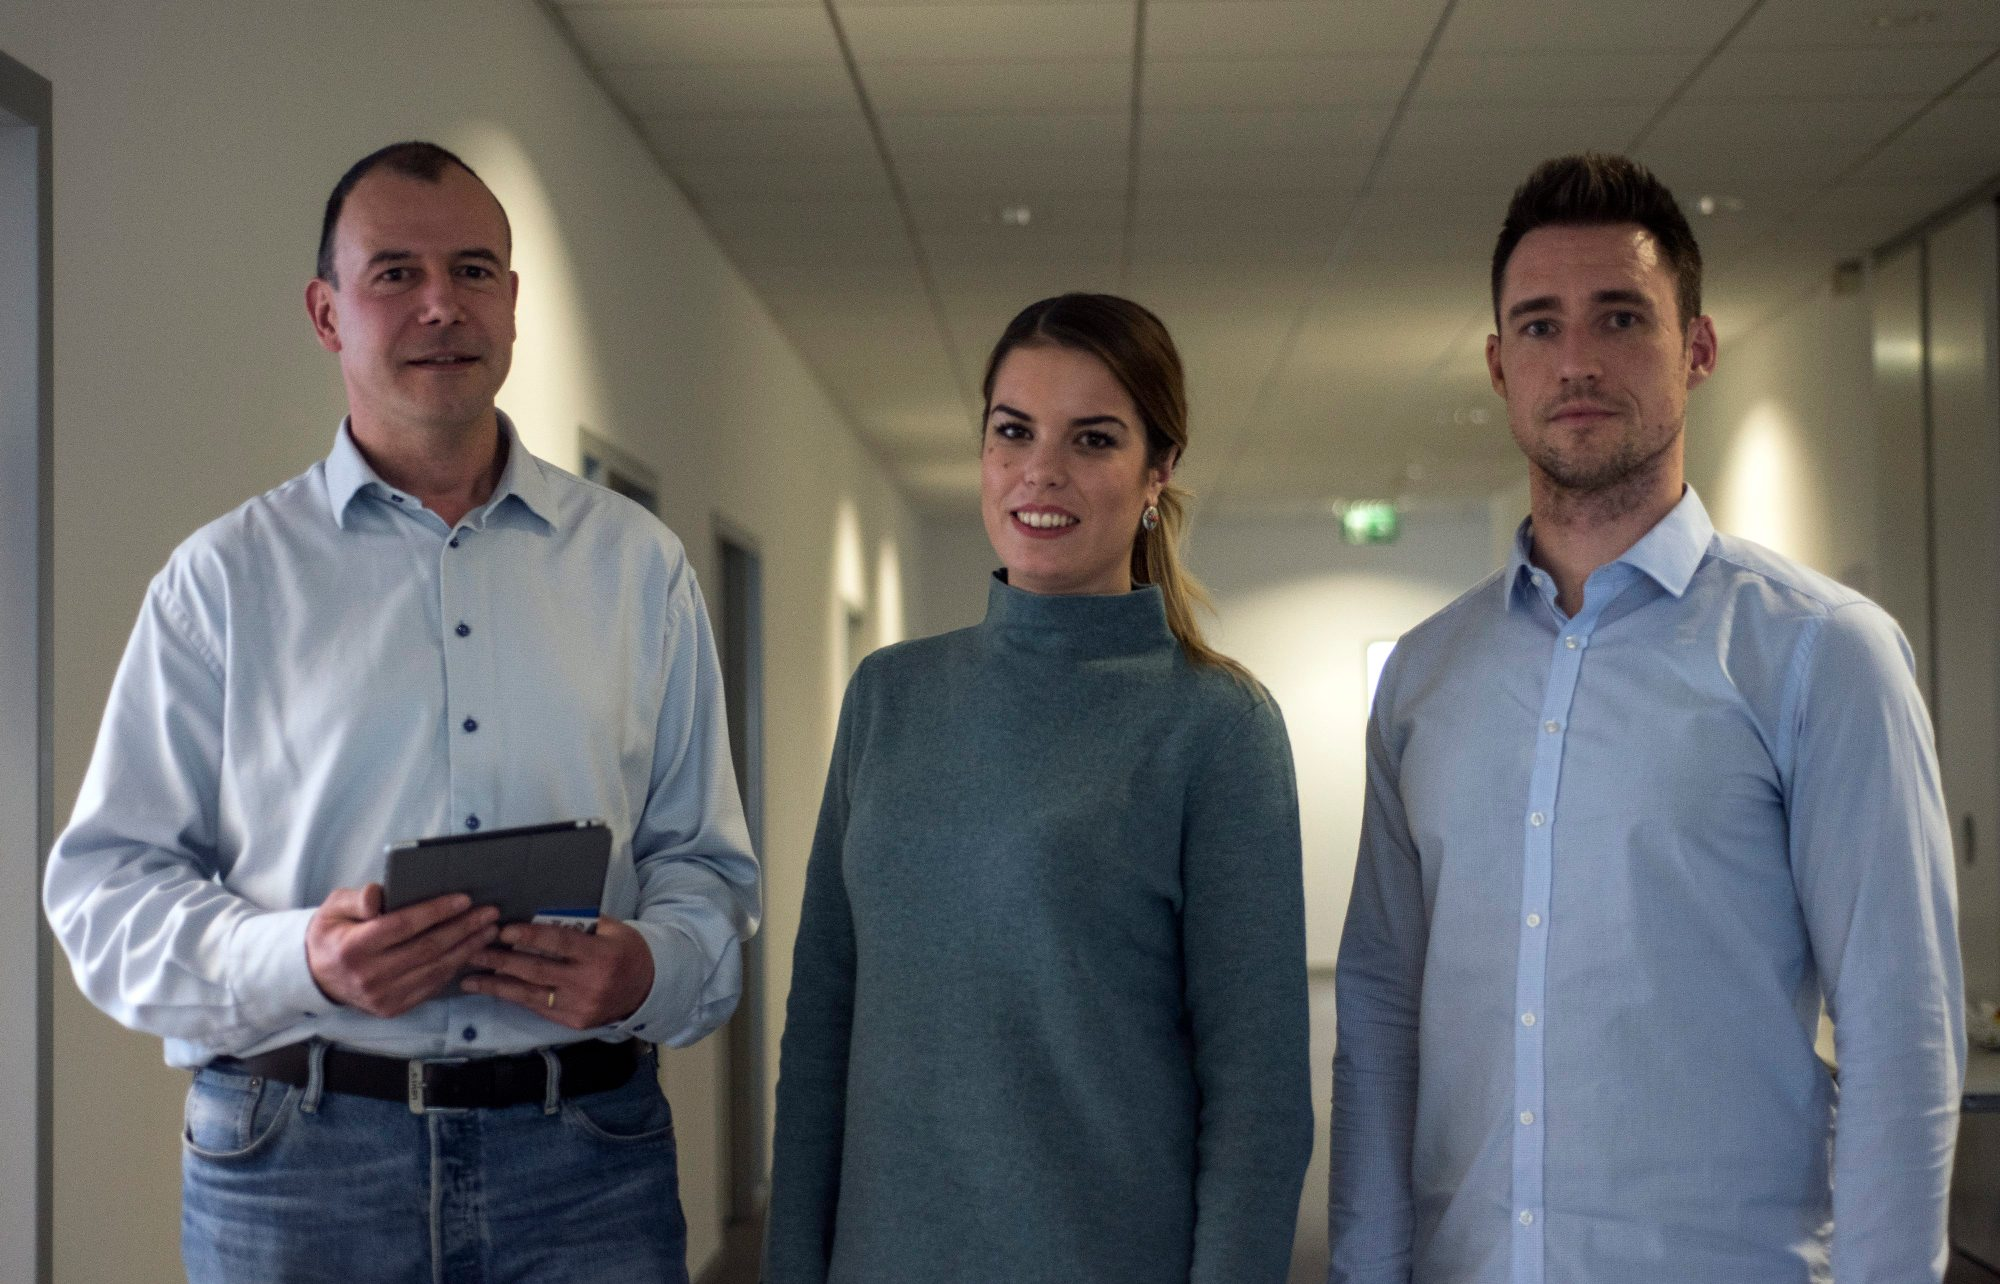 Igor Pandžić, osnivač, Dragana Krčum marketinški menadžer u odjelu Face Tehnology, Gordan Kreković, voditelj tima za istrazivanje i razvoj u Automotive odjelu